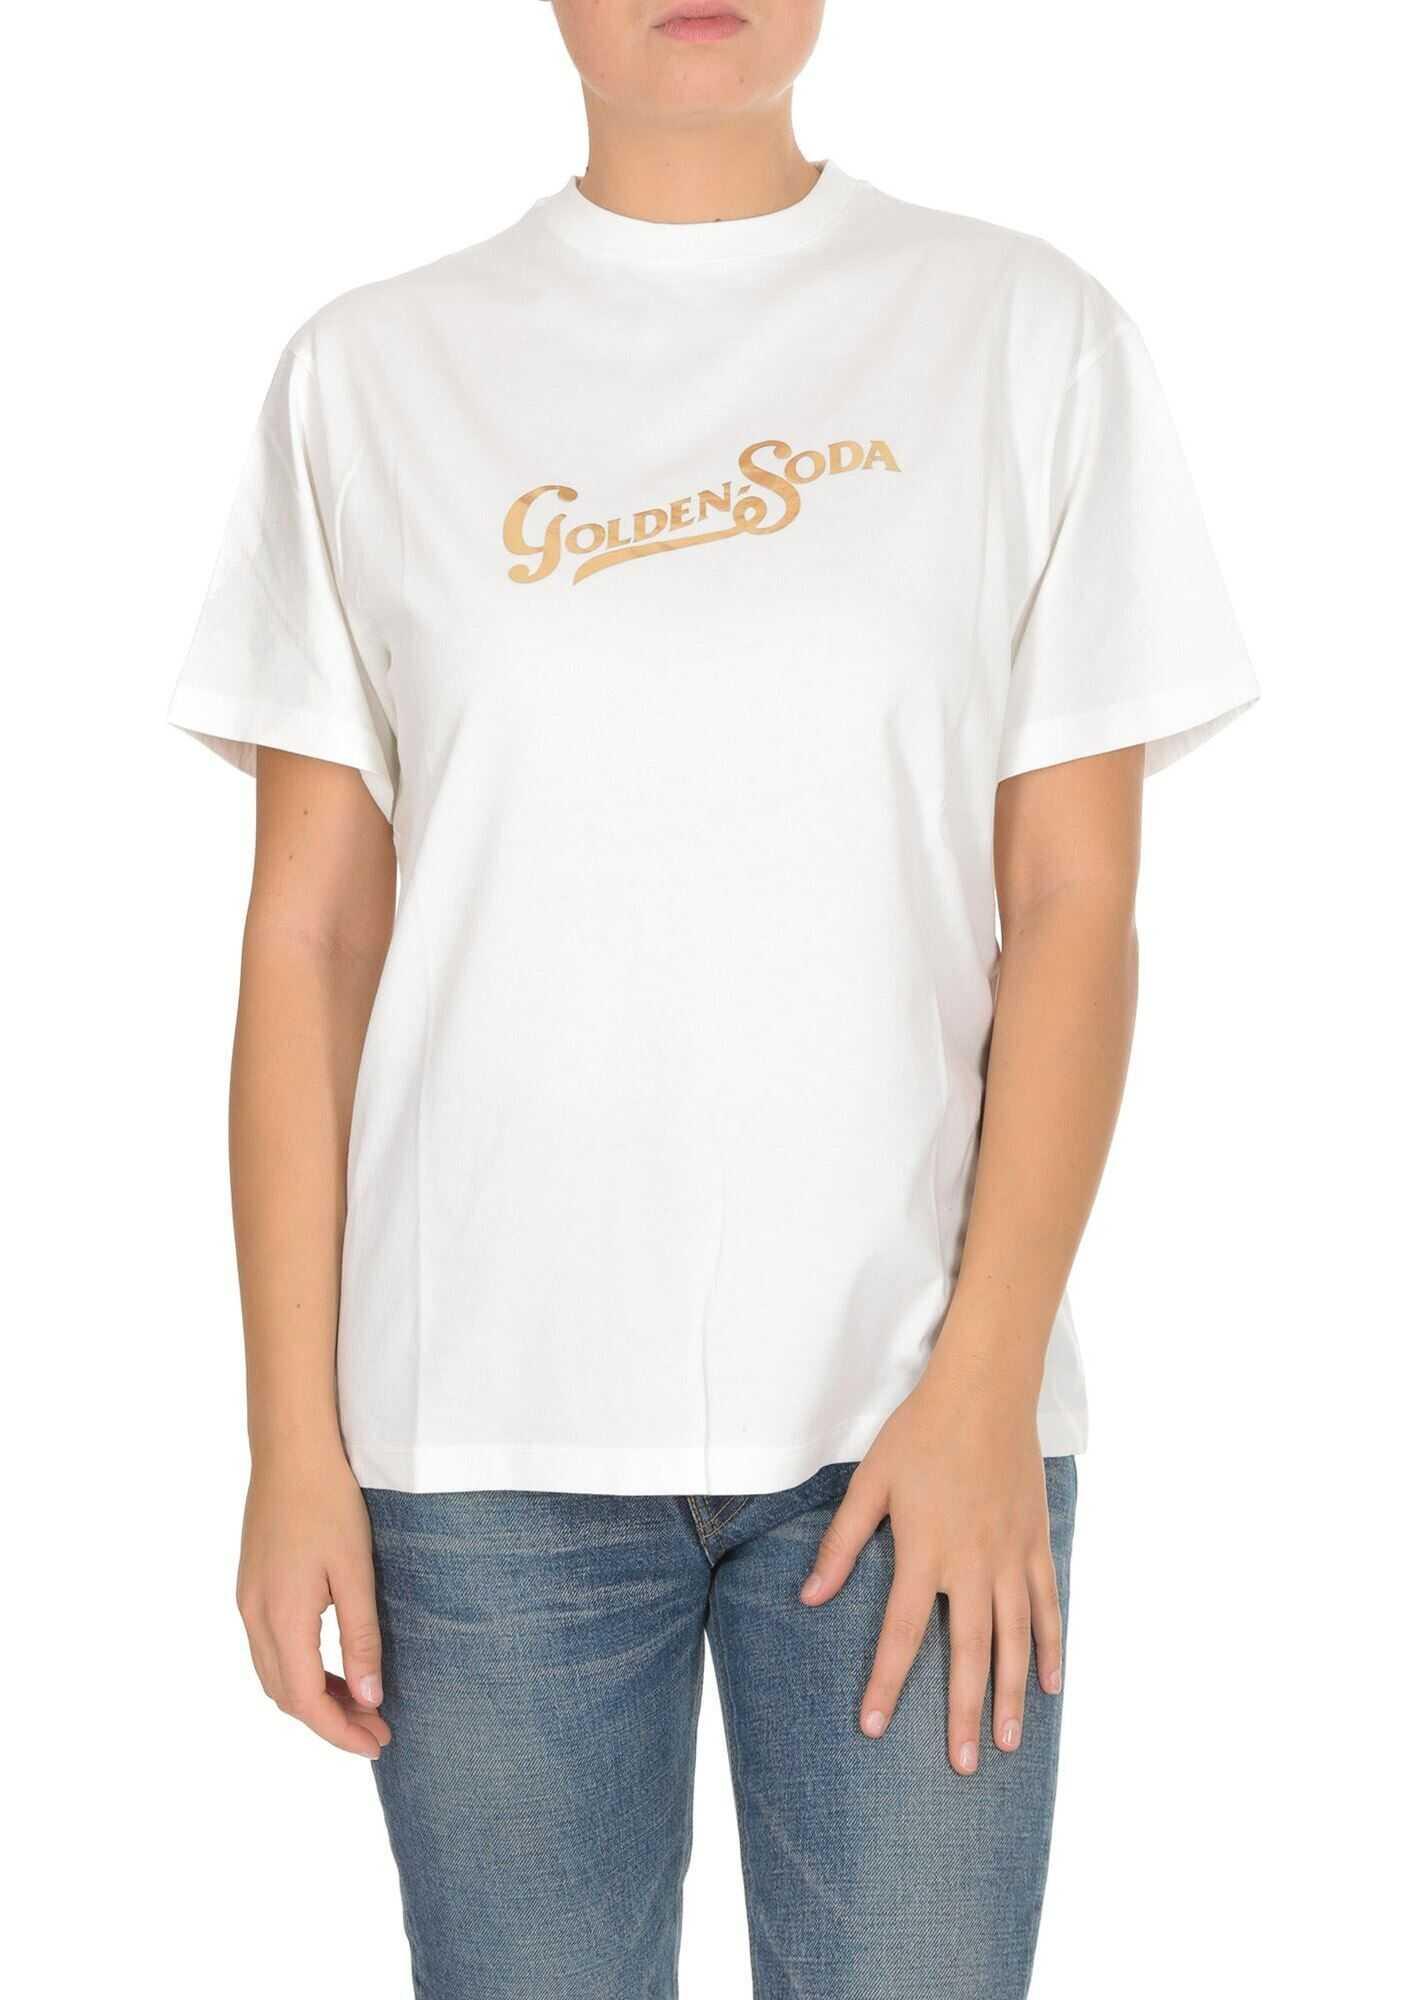 Golden Goose Golden Soda T-Shirt In White White